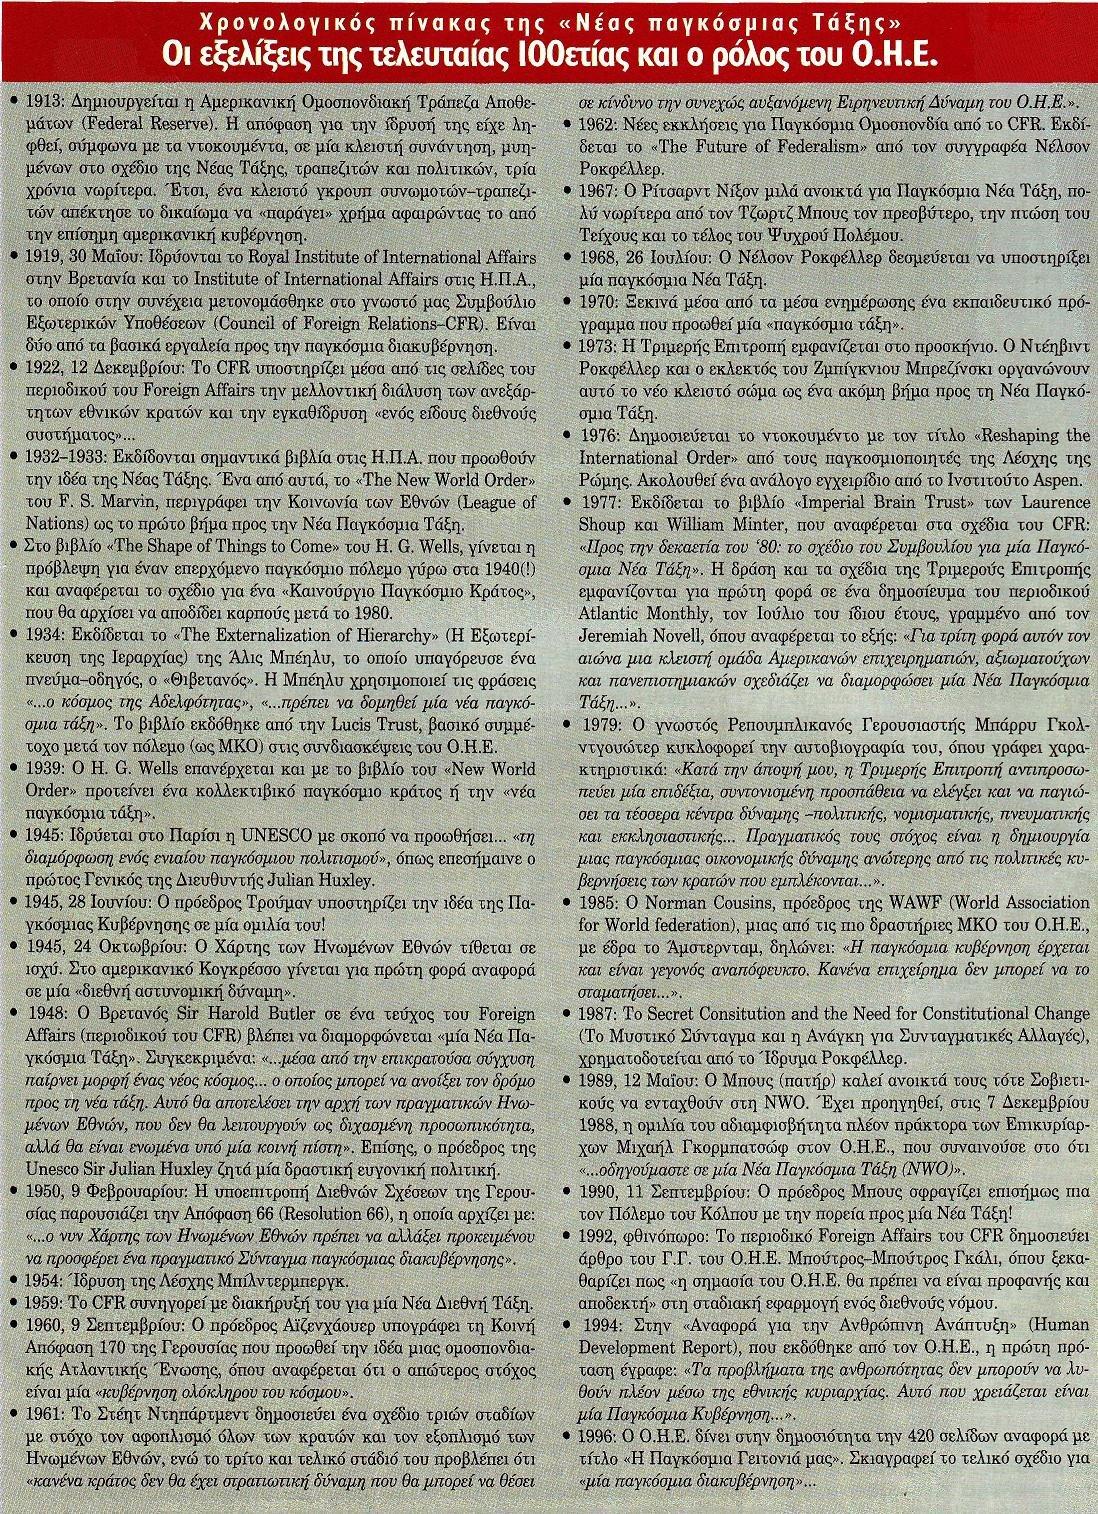 Άποκρυφισμὸς στὸν ΟΗΕ καὶ παγκόσμια διακυβέρνησις.3